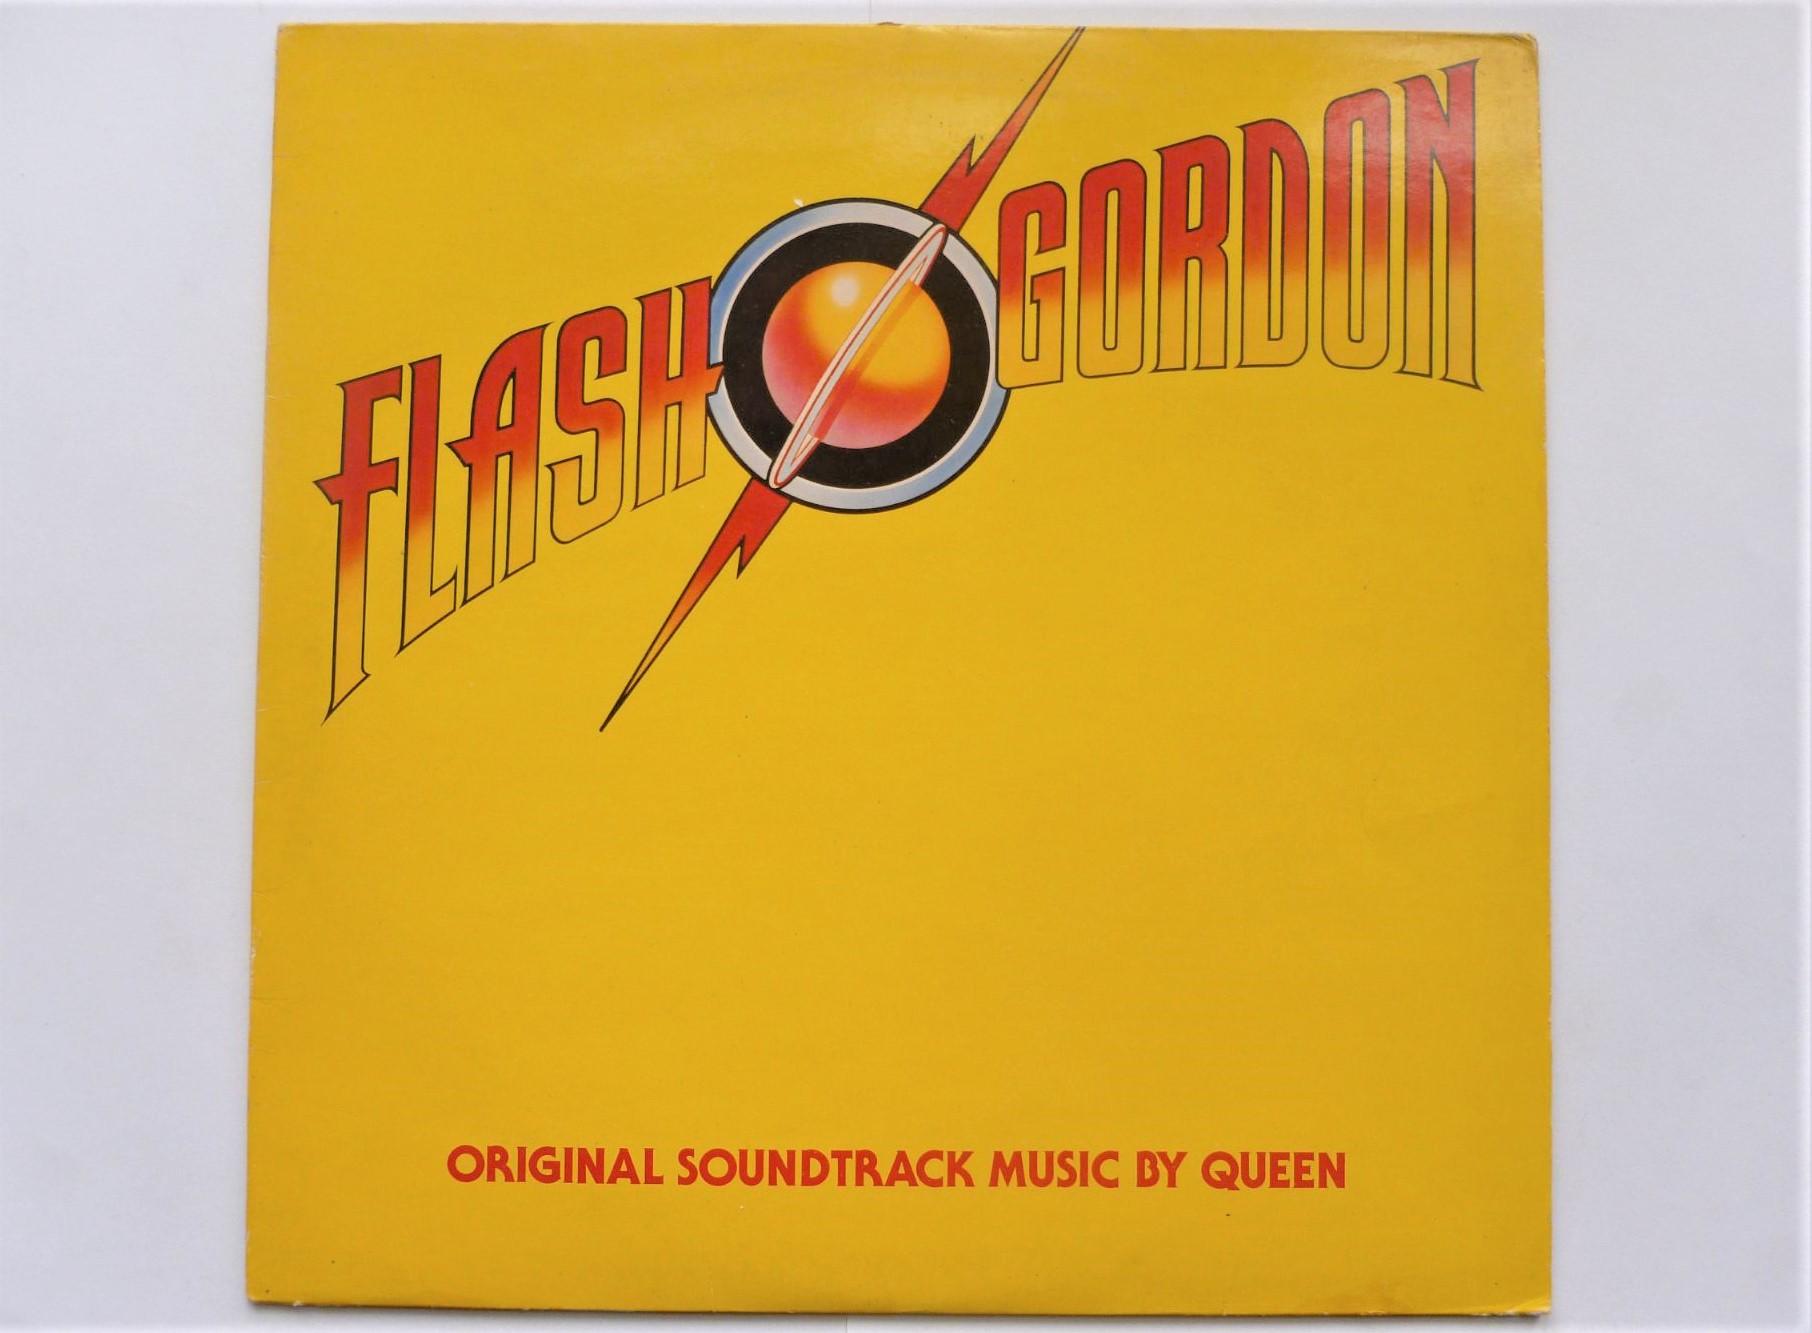 VARIOUS - Flash Gordon - LP